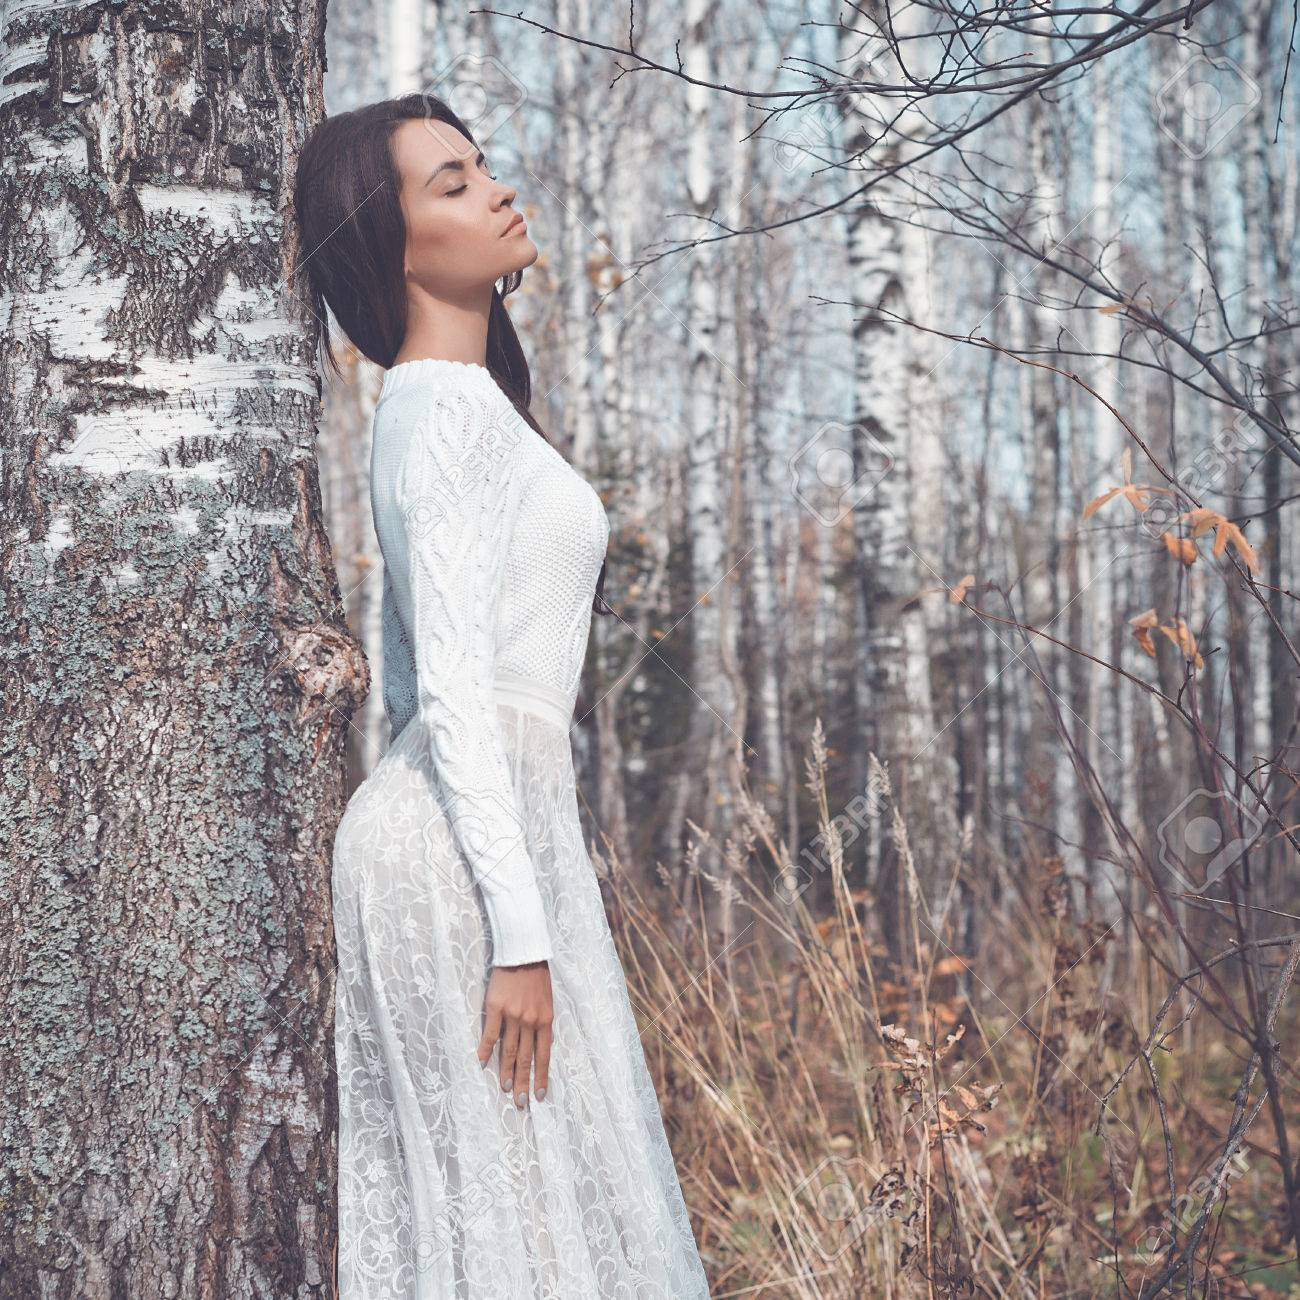 Outdoor-Mode-Foto der jungen schönen Frau in einem Birkenwald Standard-Bild  - f3eb53752e